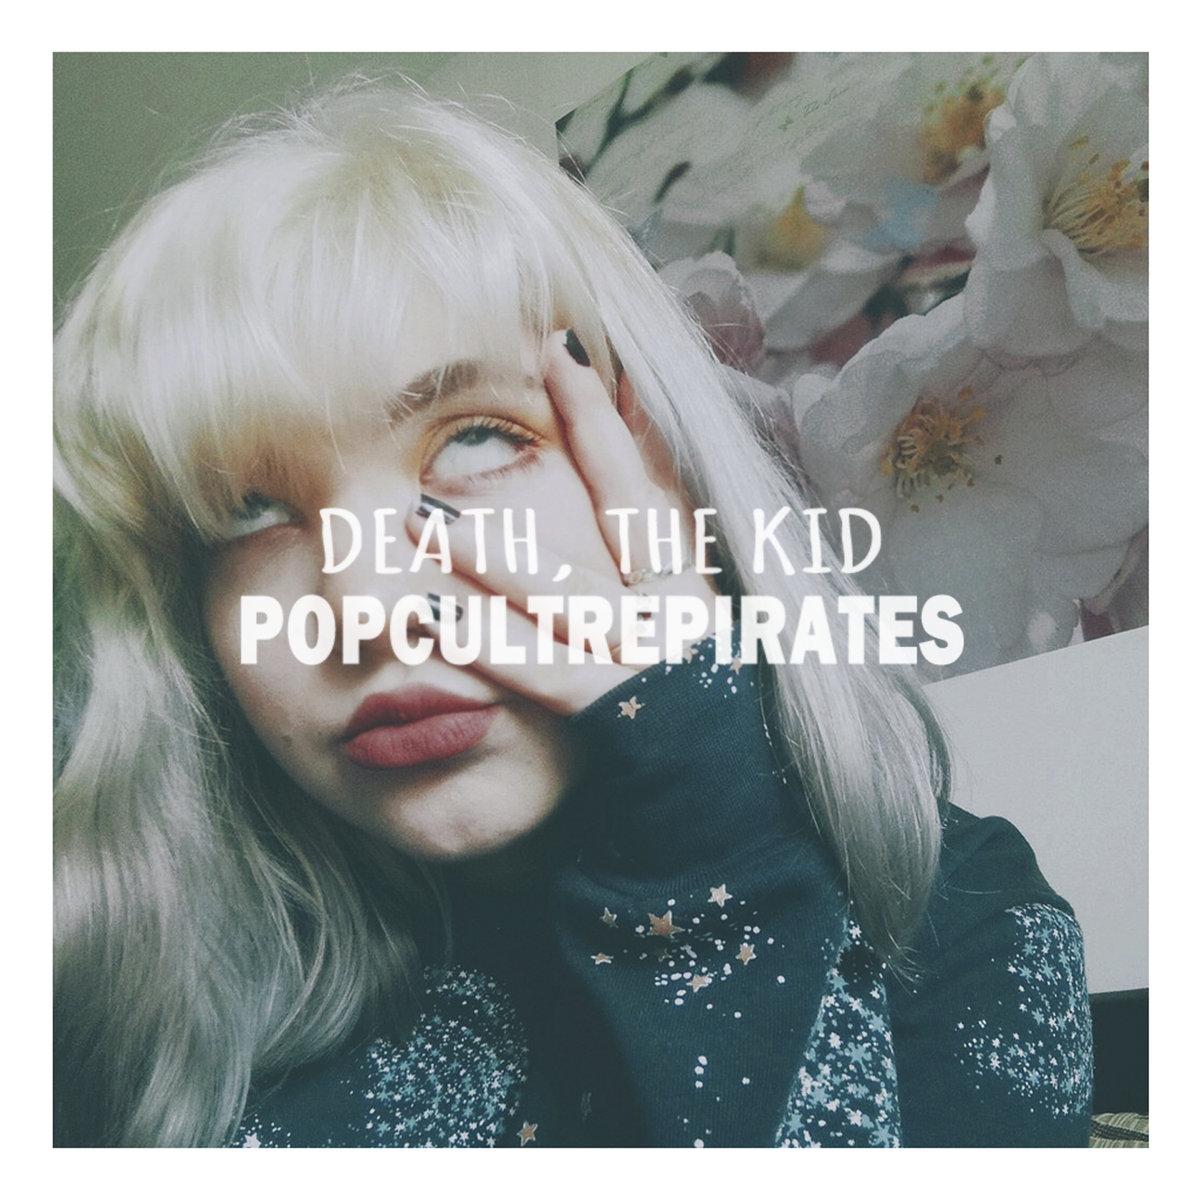 Death, The Kid. (Demos) - PopCulturePirates